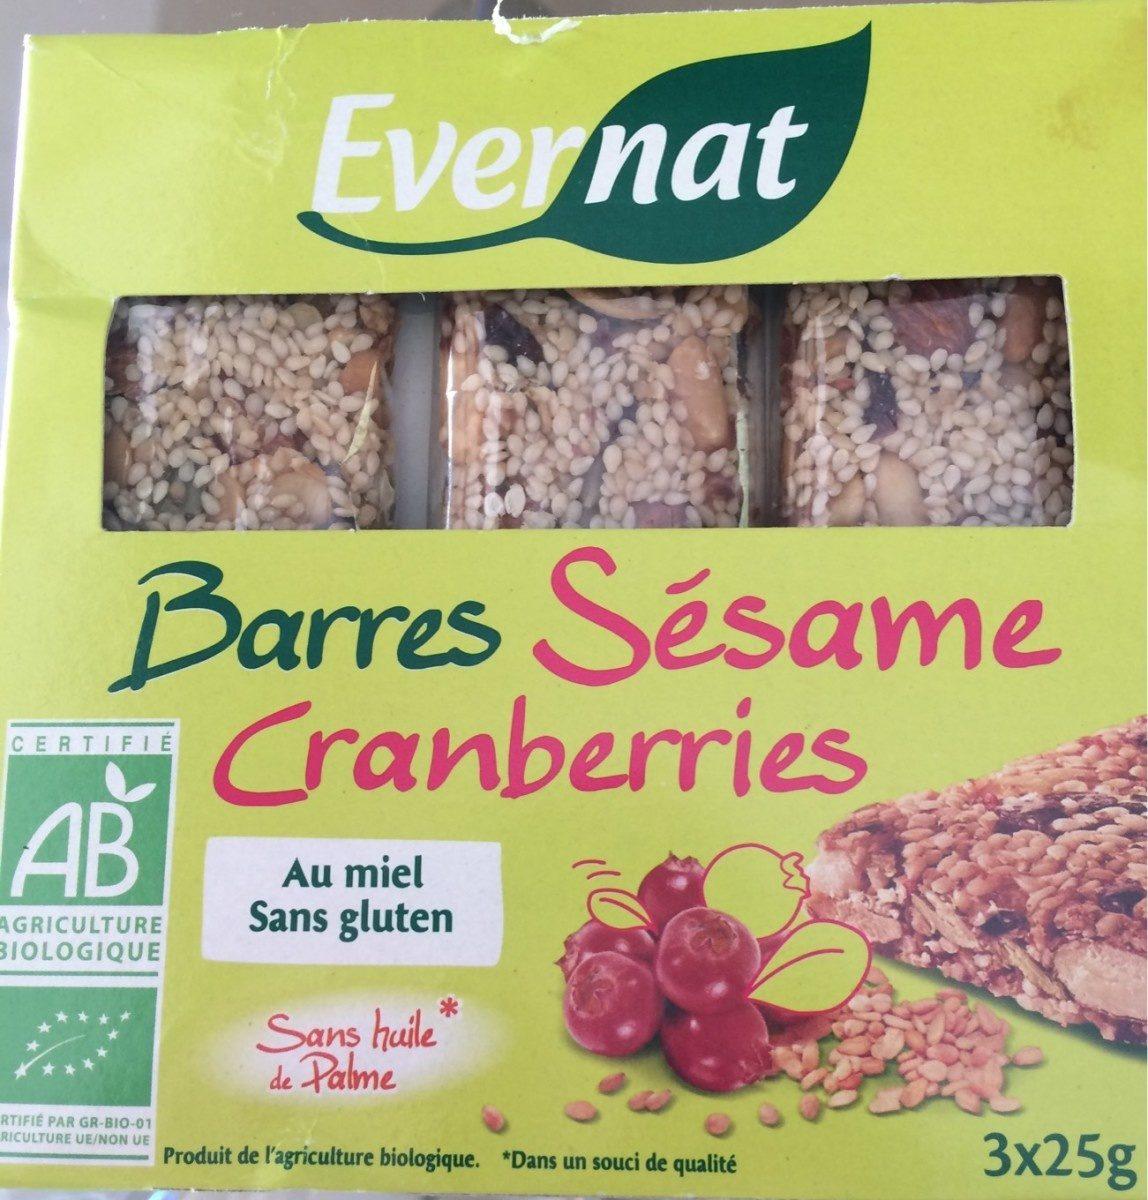 Barres Sésame Cranberries - Product - fr